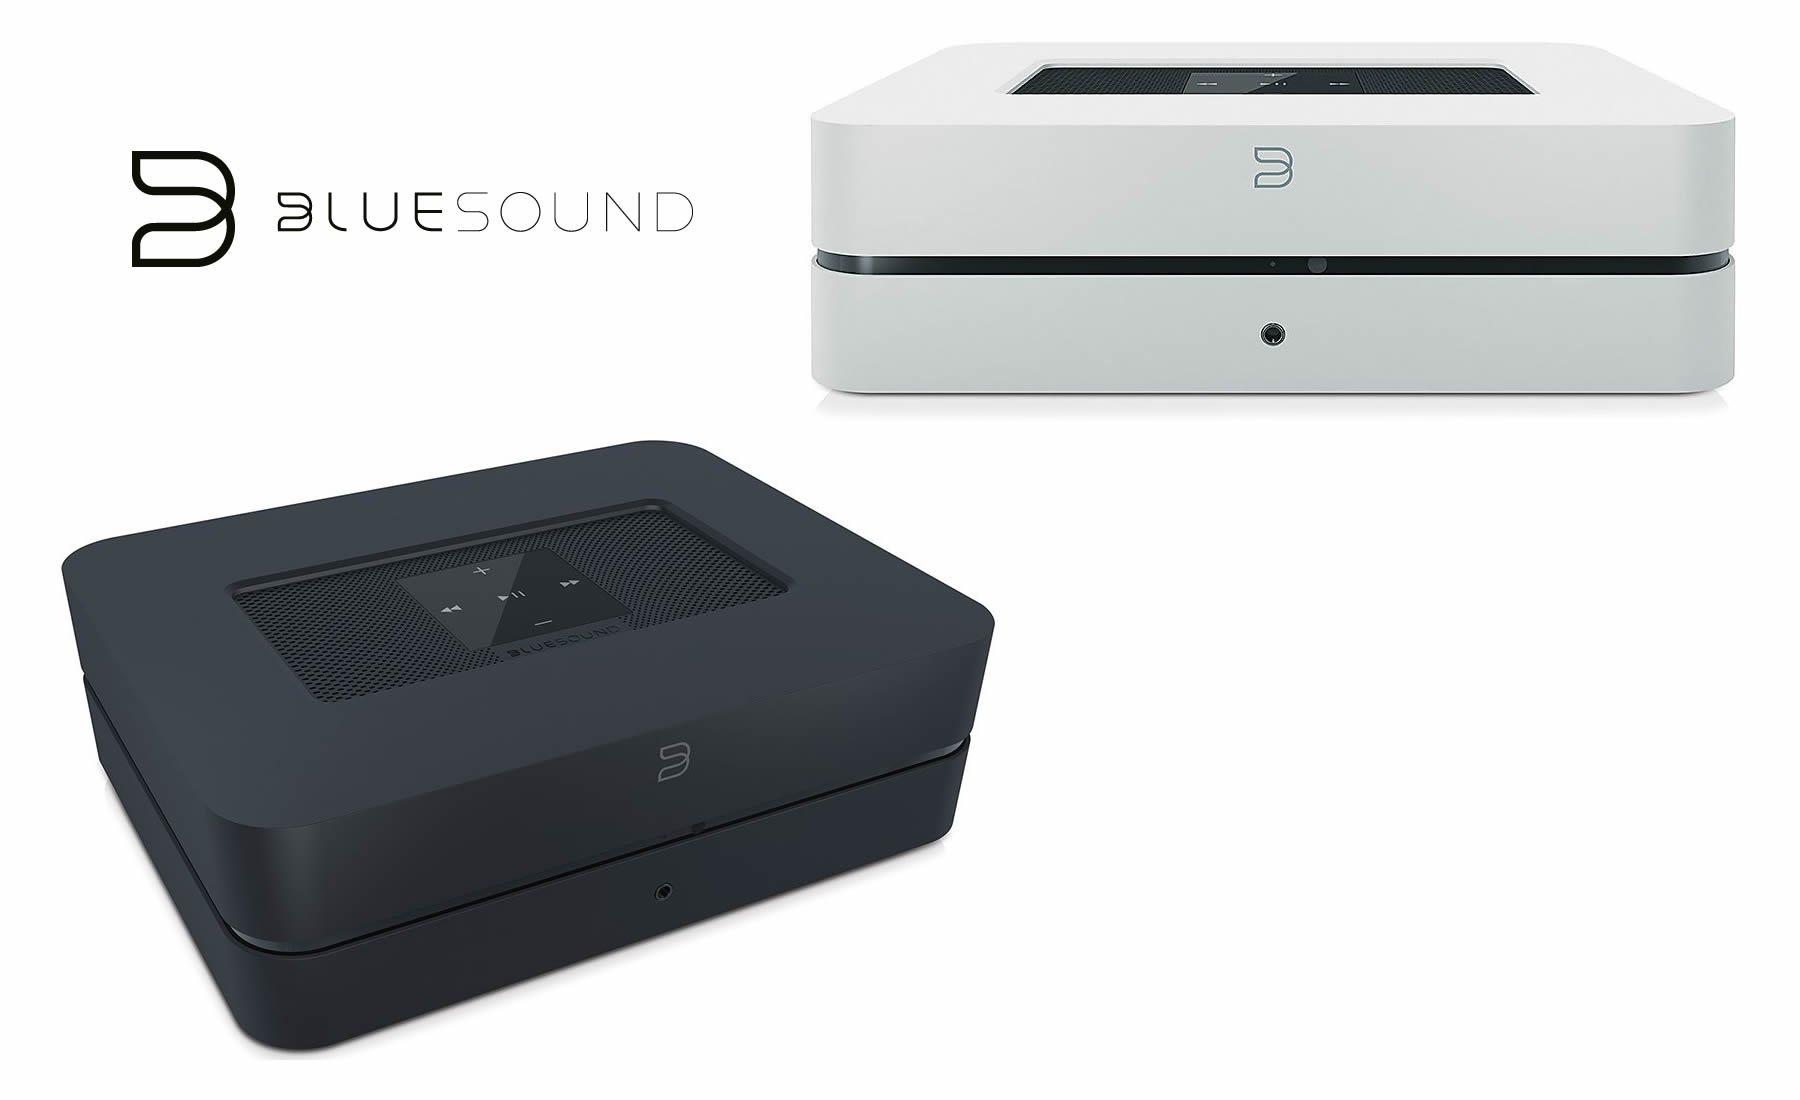 Den Bluesound Powernode 2 Streaming Client inklusive Vollverstärker kauft man beim AkustikTune Hifi Fachhandel